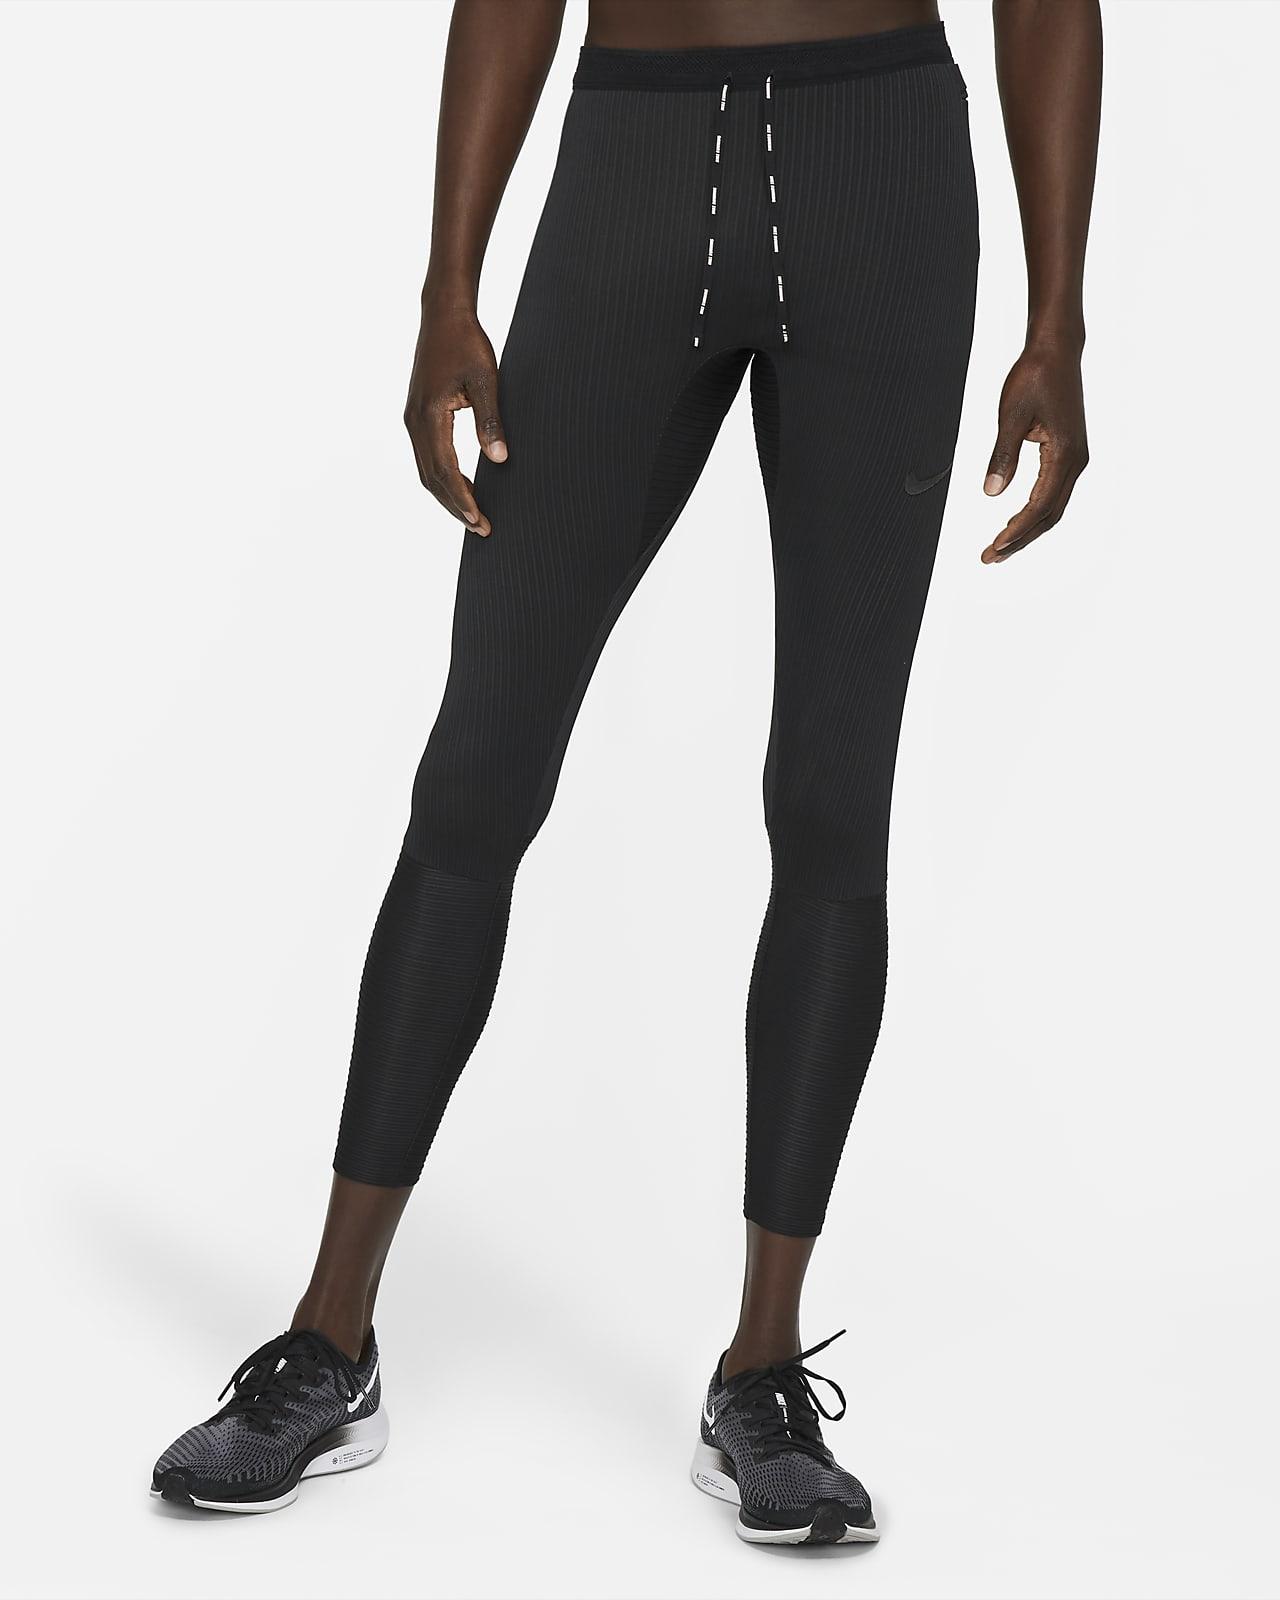 Nike Dri-FIT Swift Herren-Lauftights